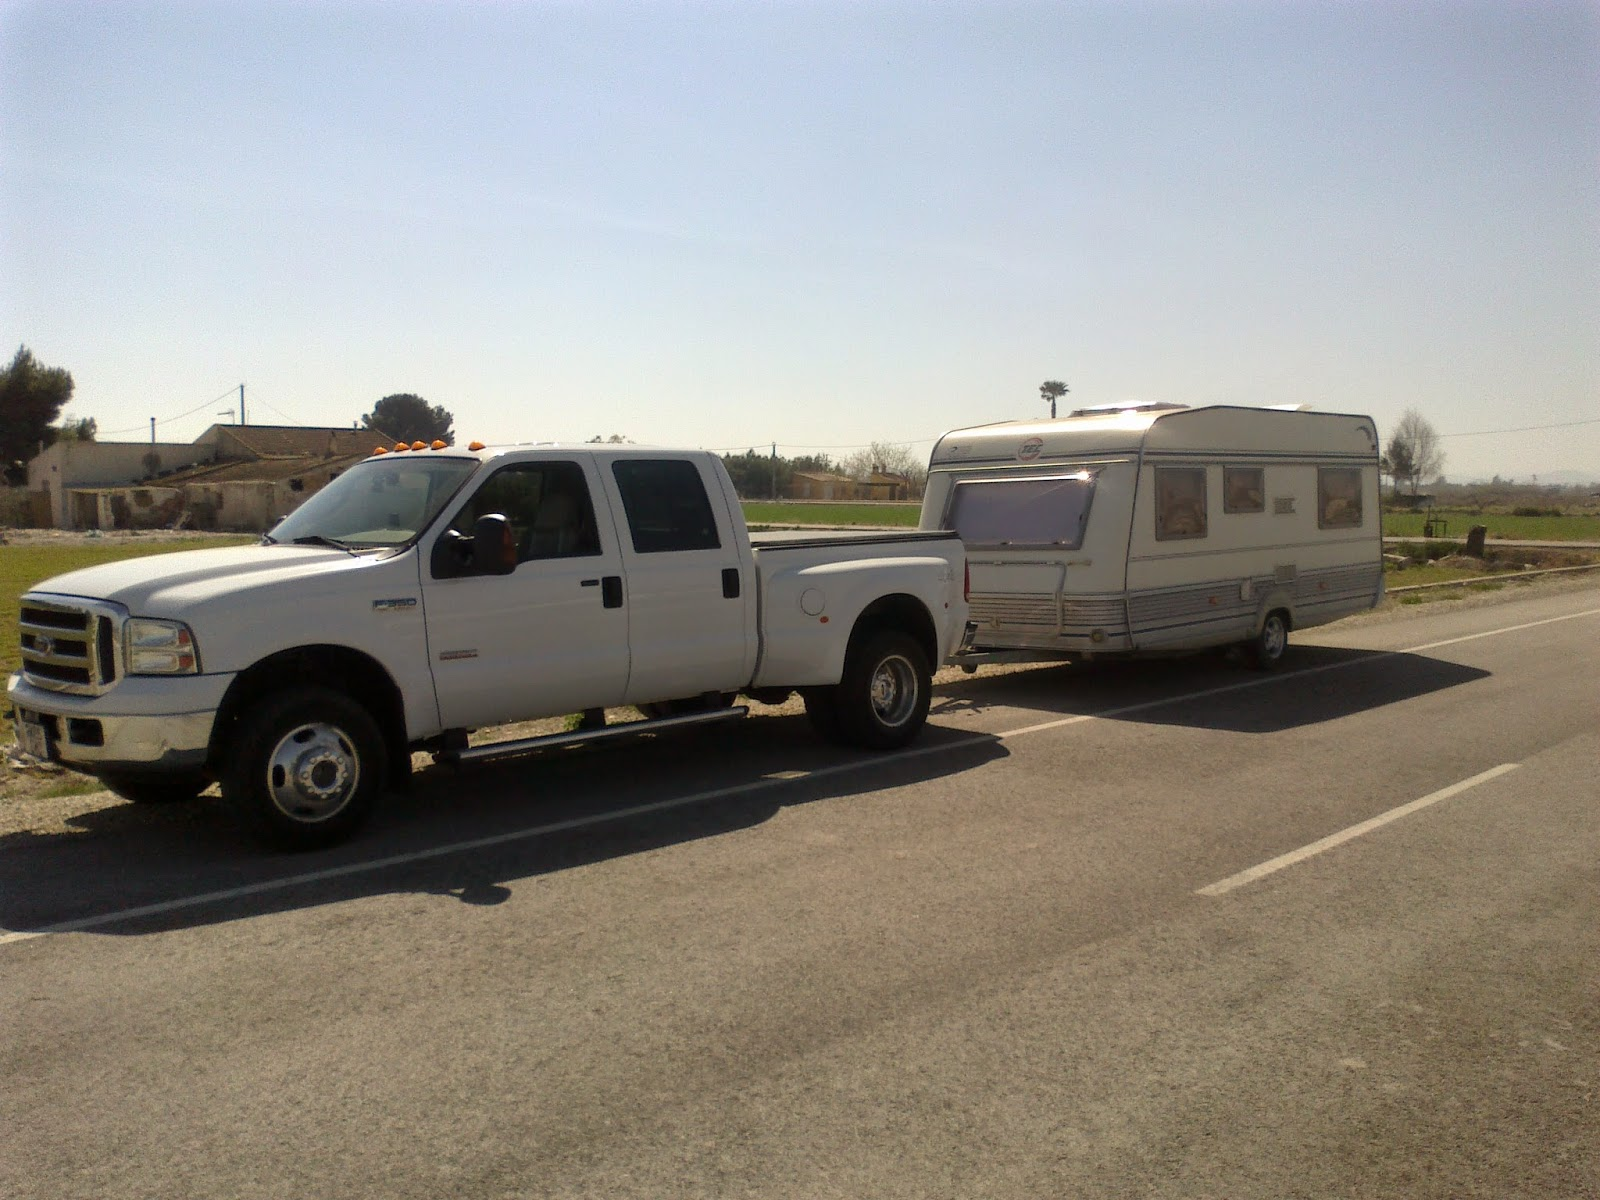 Caravan towing in Spain